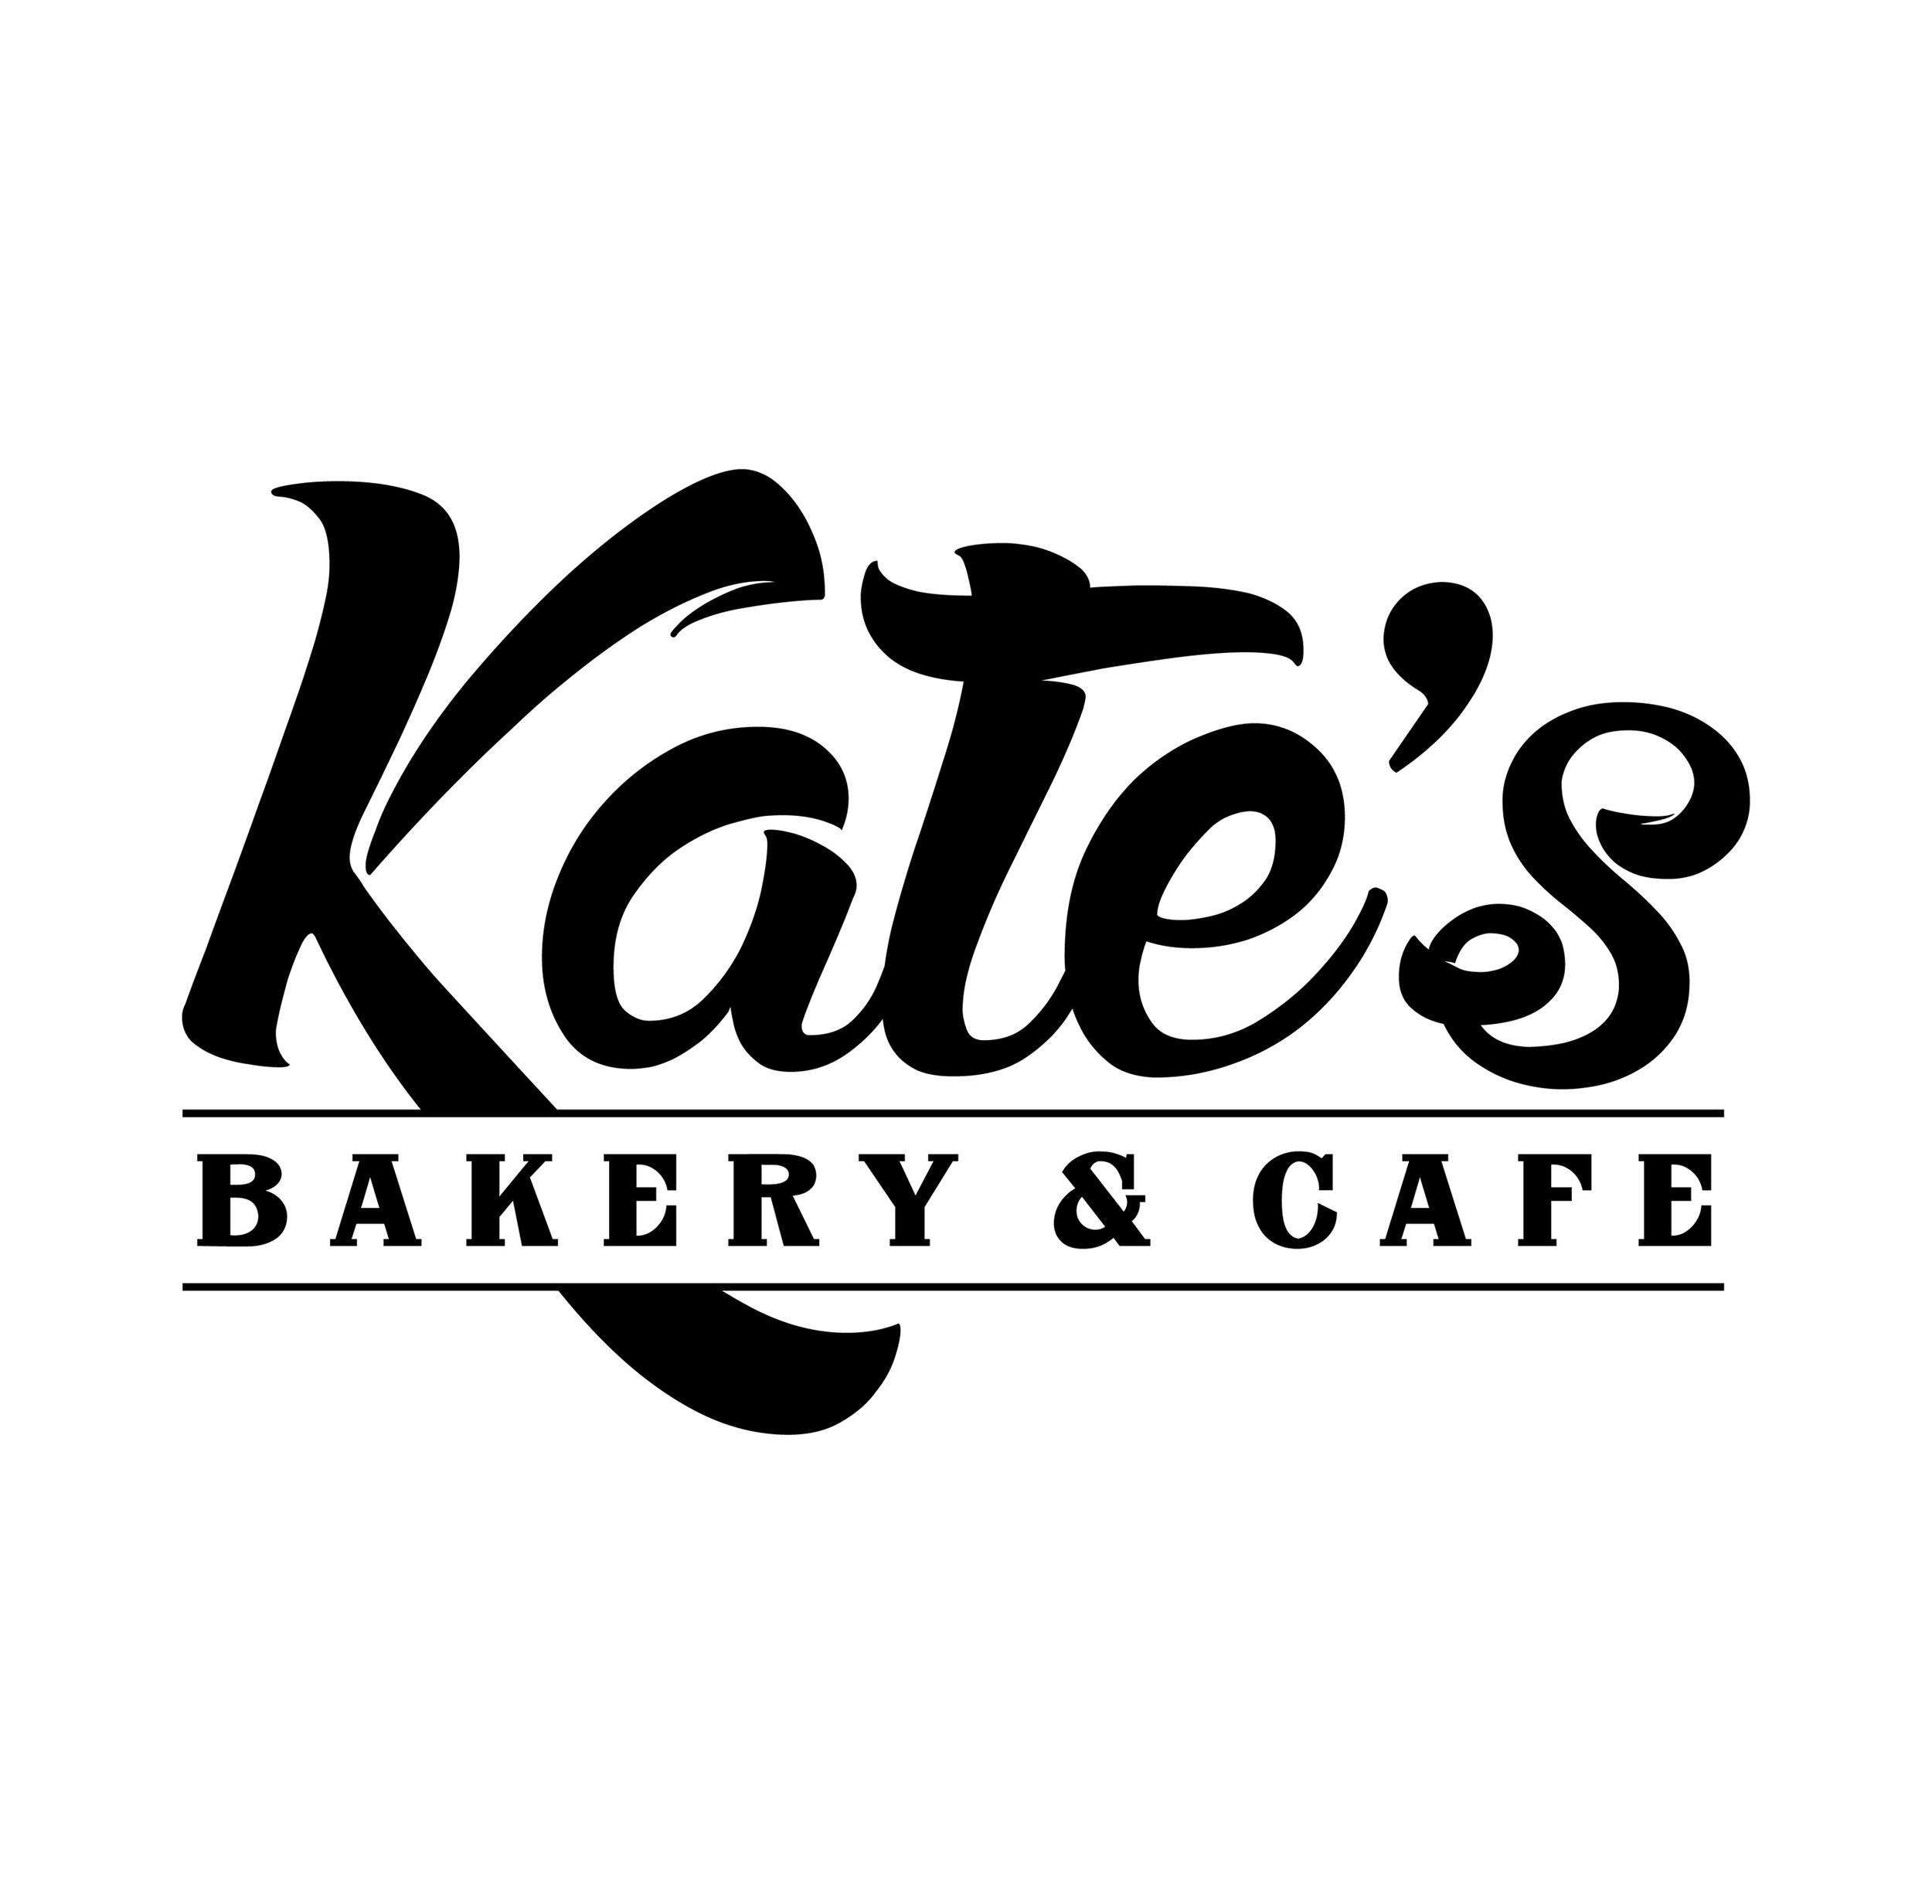 Kate's Bakery & Cafe Logo, Kittery, ME